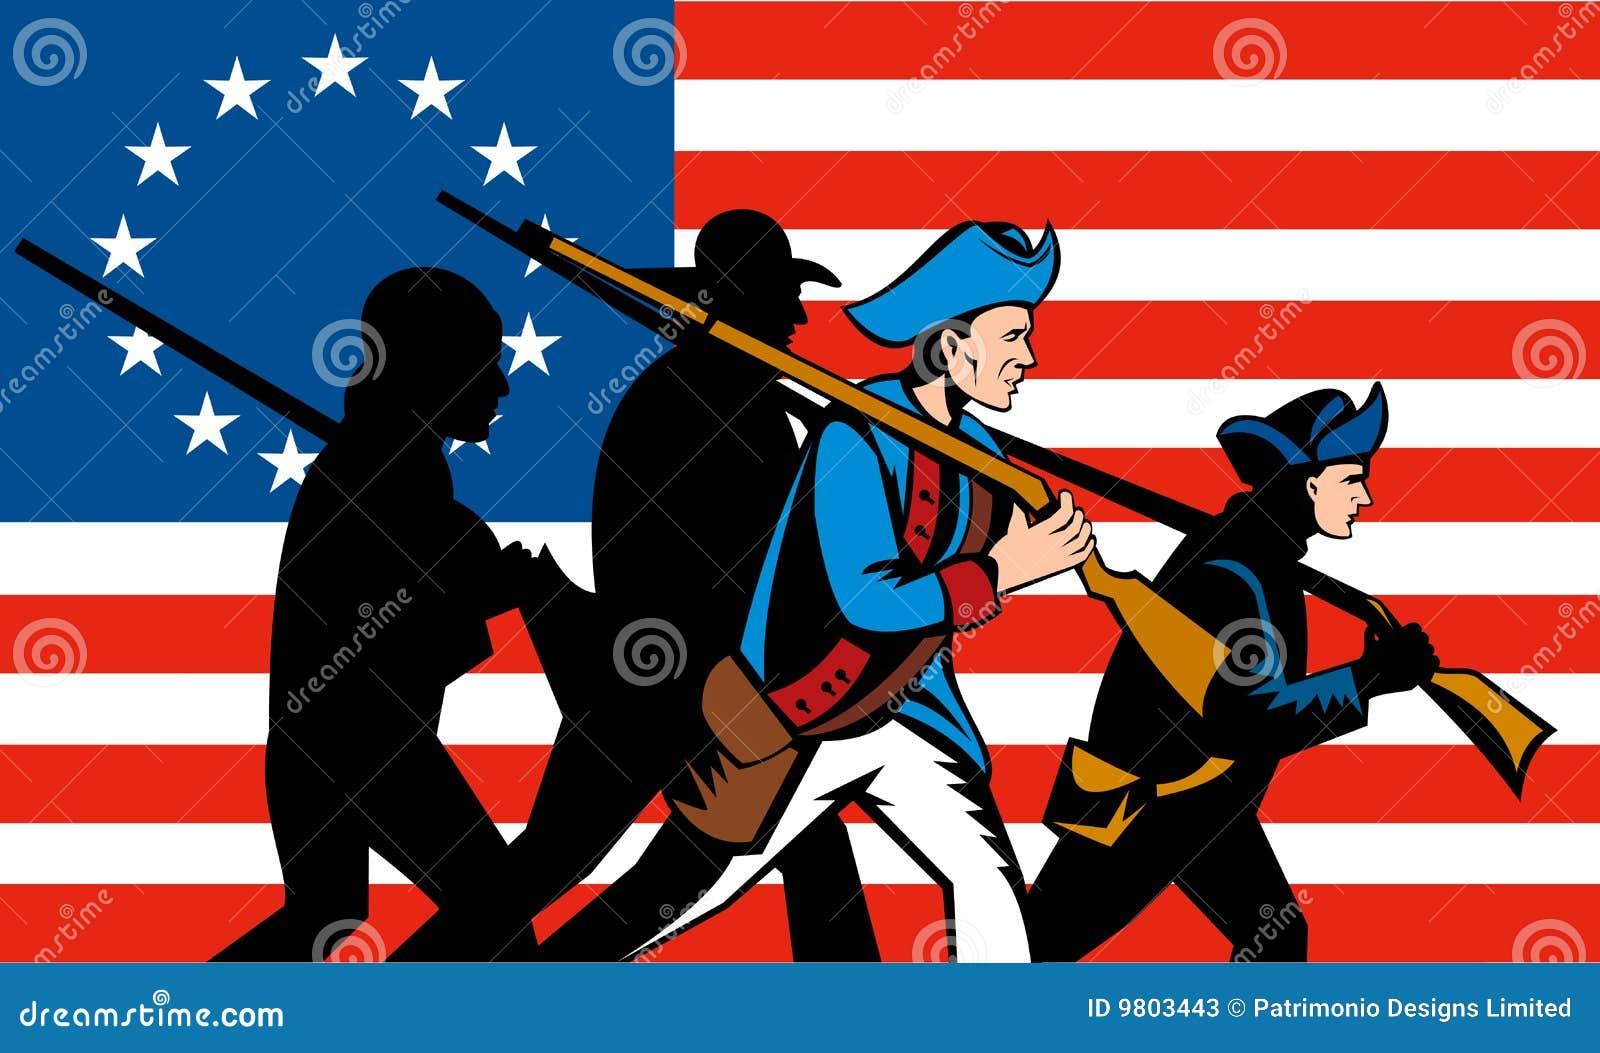 american revolution stock illustrations 1 165 american revolution rh dreamstime com Patriots Revolutionary War Clip Art Patriots Revolutionary War Clip Art